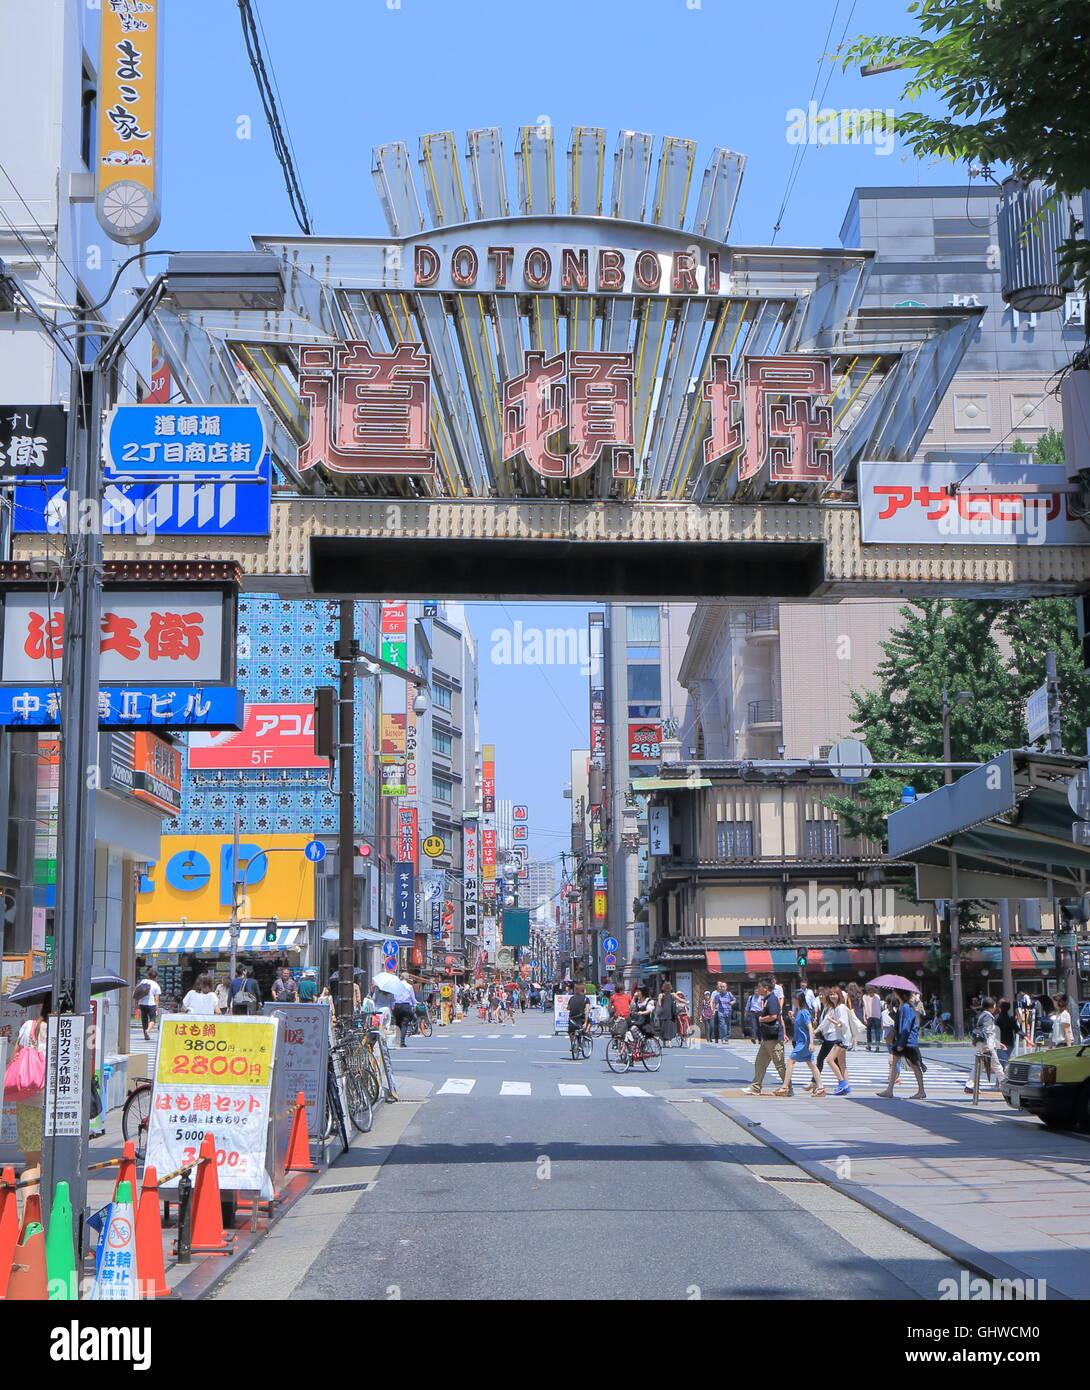 Dotonbori quartiere dei divertimenti di Osaka in Giappone. Immagini Stock